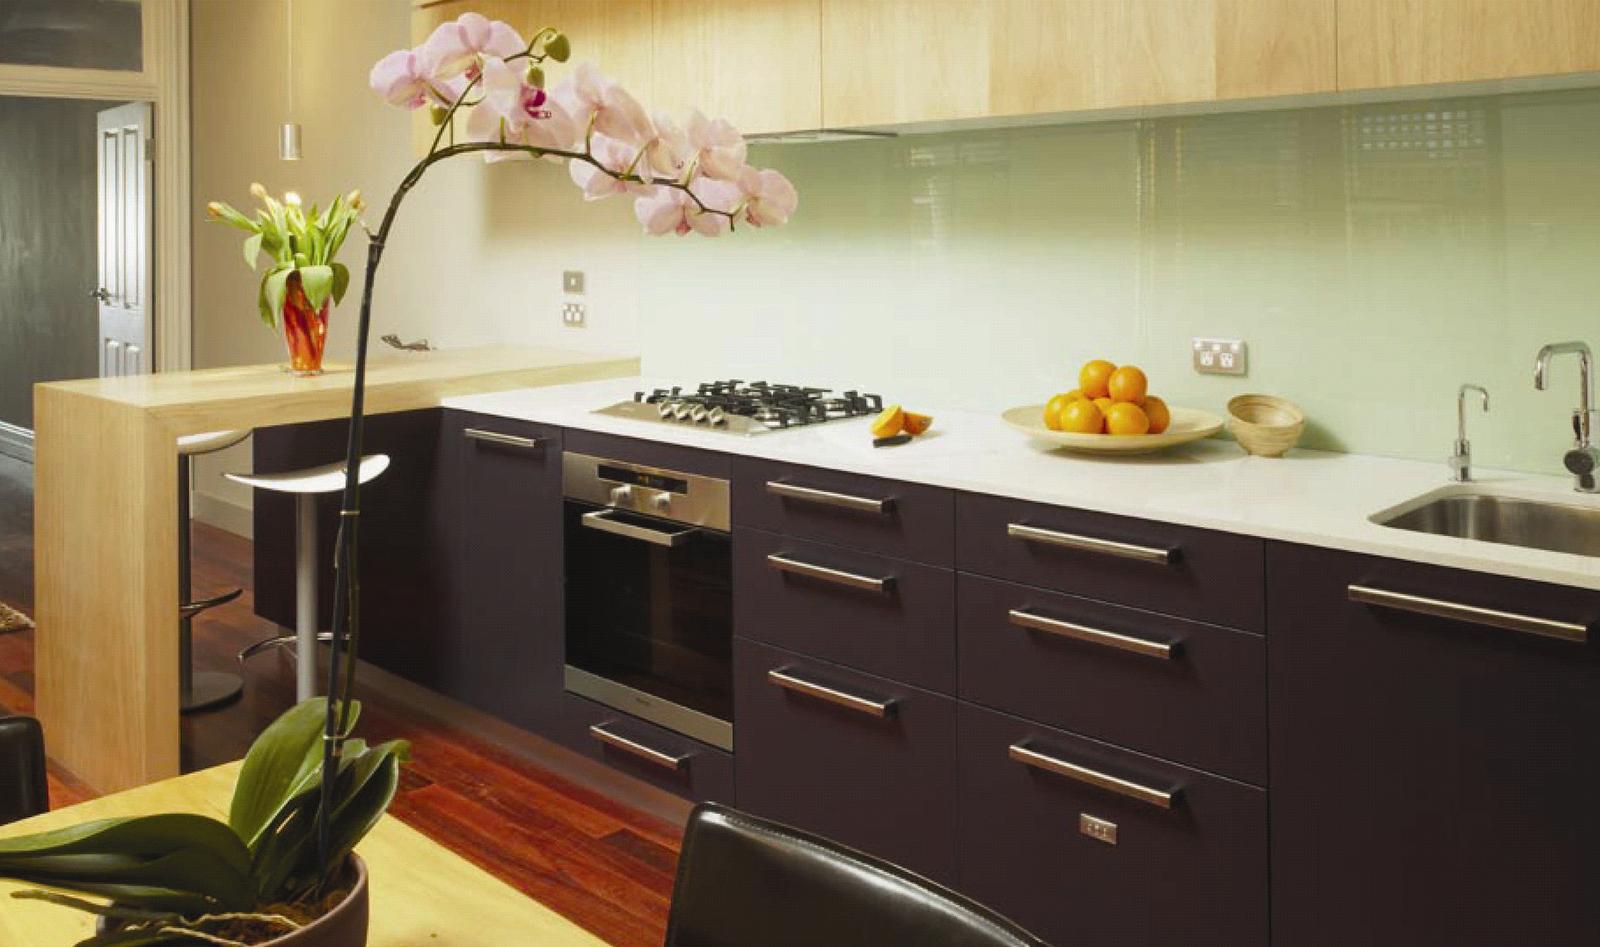 C mo maximizar el espacio en la cocina cocinas con estilo - Cocinas color berenjena ...